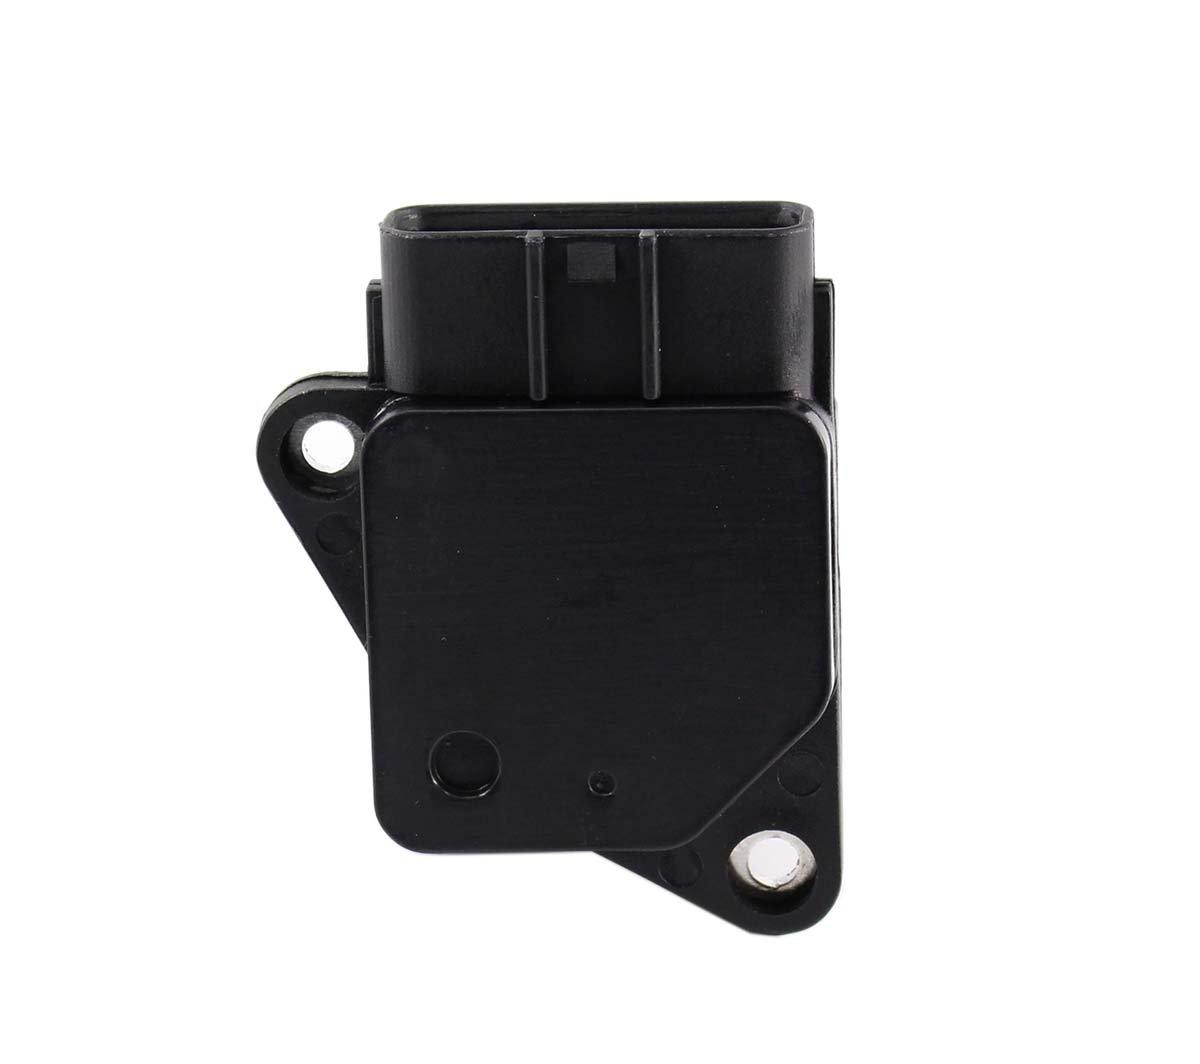 Kool partes: masa Sensor Medidor de flujo de aire 22204 - 07010 phf000140 1 x 43 - 12b579-aa: Amazon.es: Coche y moto